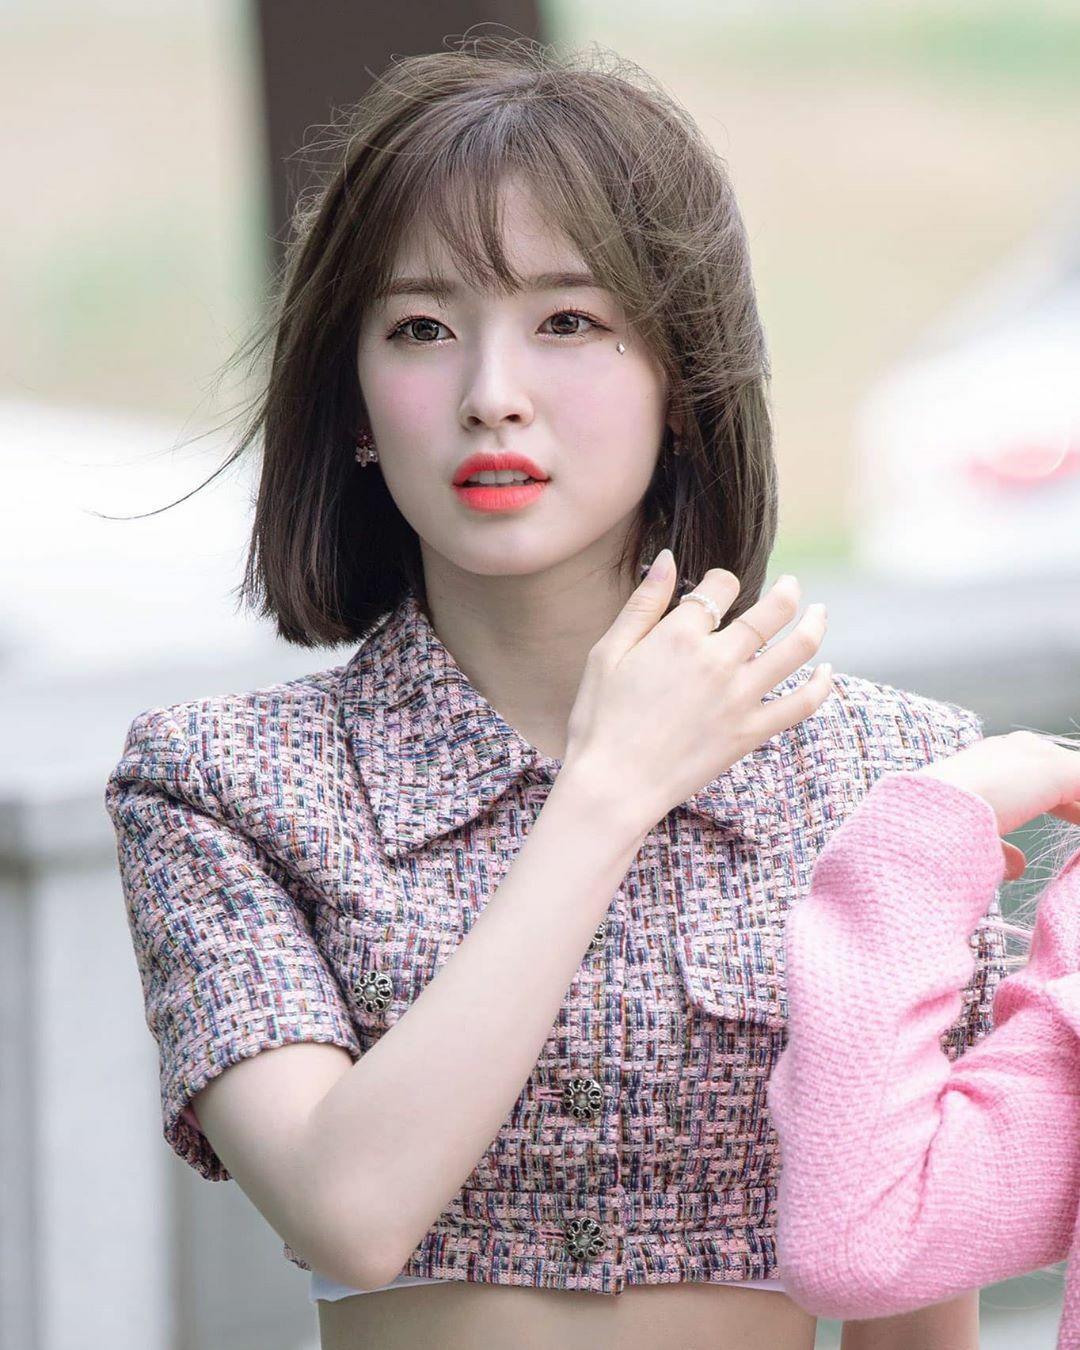 Arin nhận được tình cảm và sự chú ý từ netizen Hàn nhờ hình tượng trong sáng, thuần khiết và vẻ đẹp ngọt ngào. Trong màn comeback với ca khúc Nonstop hồi tháng 5, Arin là thành viên nổi bật nhất nhóm khi lột xác trong mái tóc ngắn trẻ trung, tinh nghịch. Nữ idol đang là hình mẫu lý tưởng của vô số fan boy Hàn Quốc.